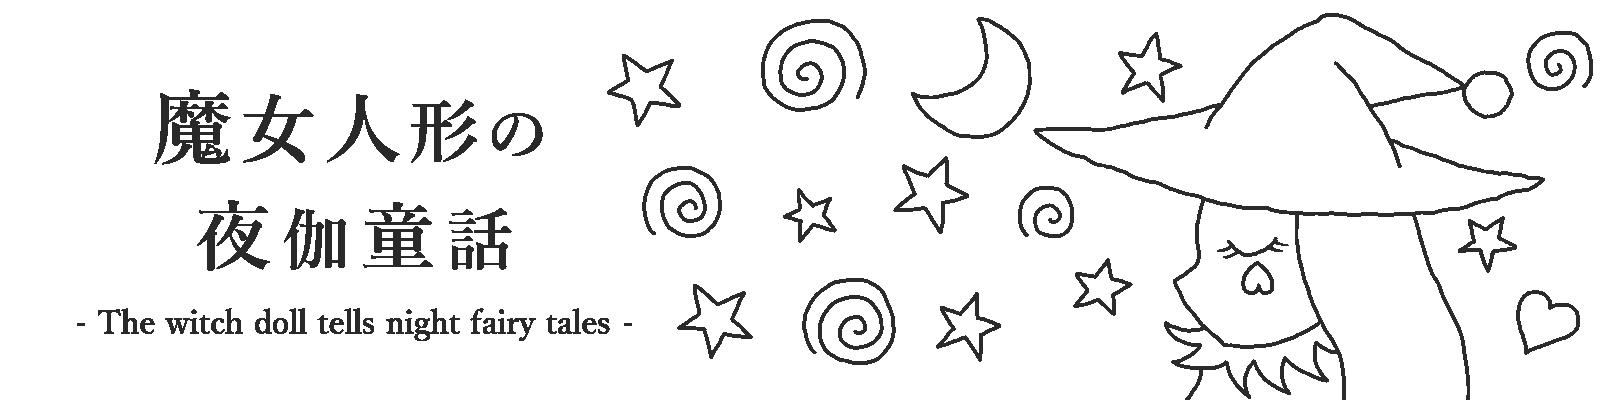 魔女人形の夜伽童話